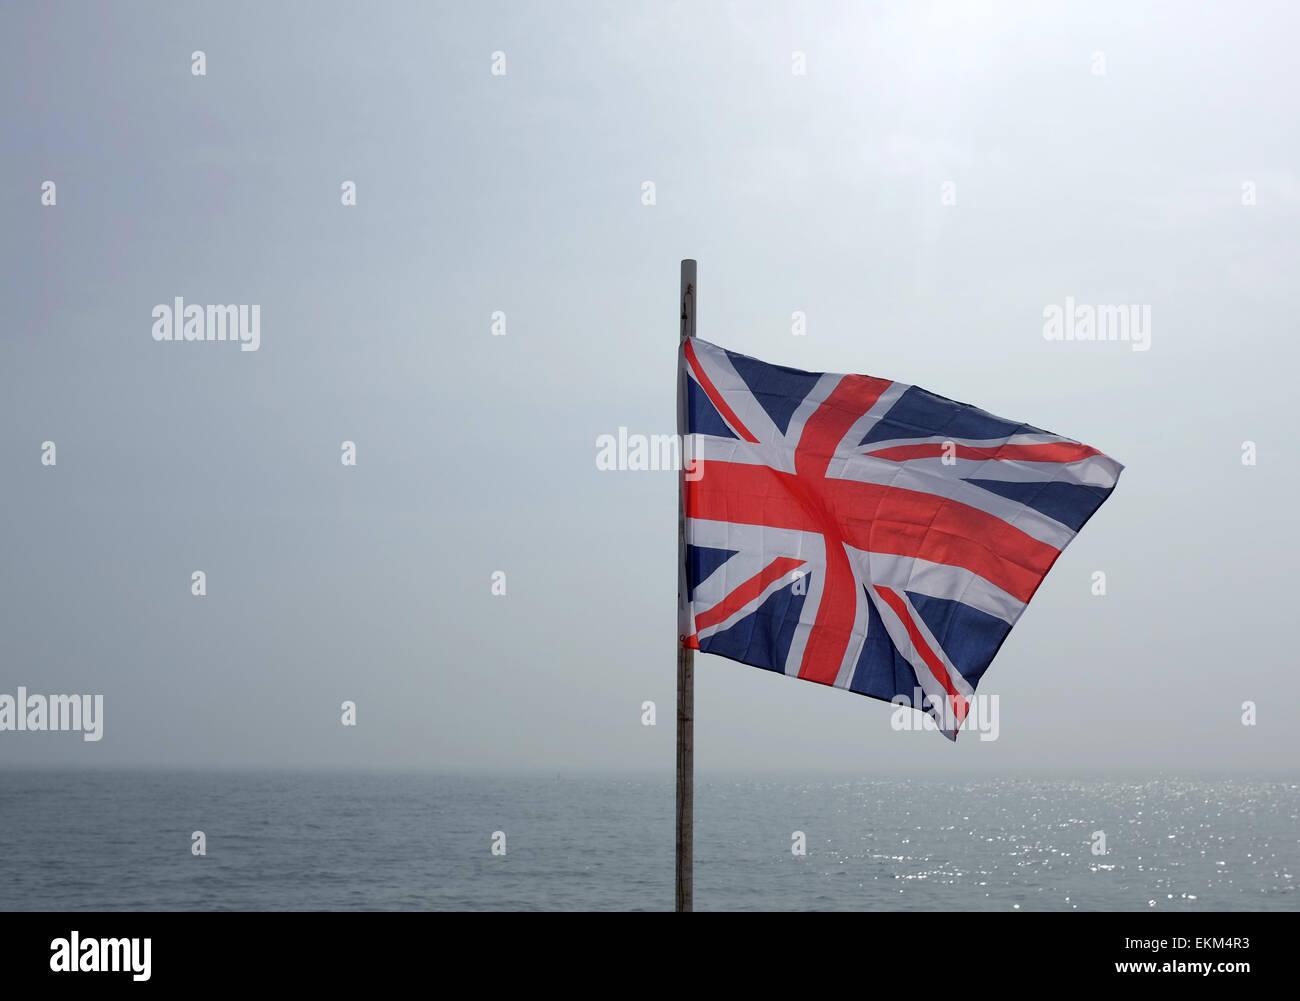 Unione battenti bandiera contro uno sfondo di cielo e mare Immagini Stock